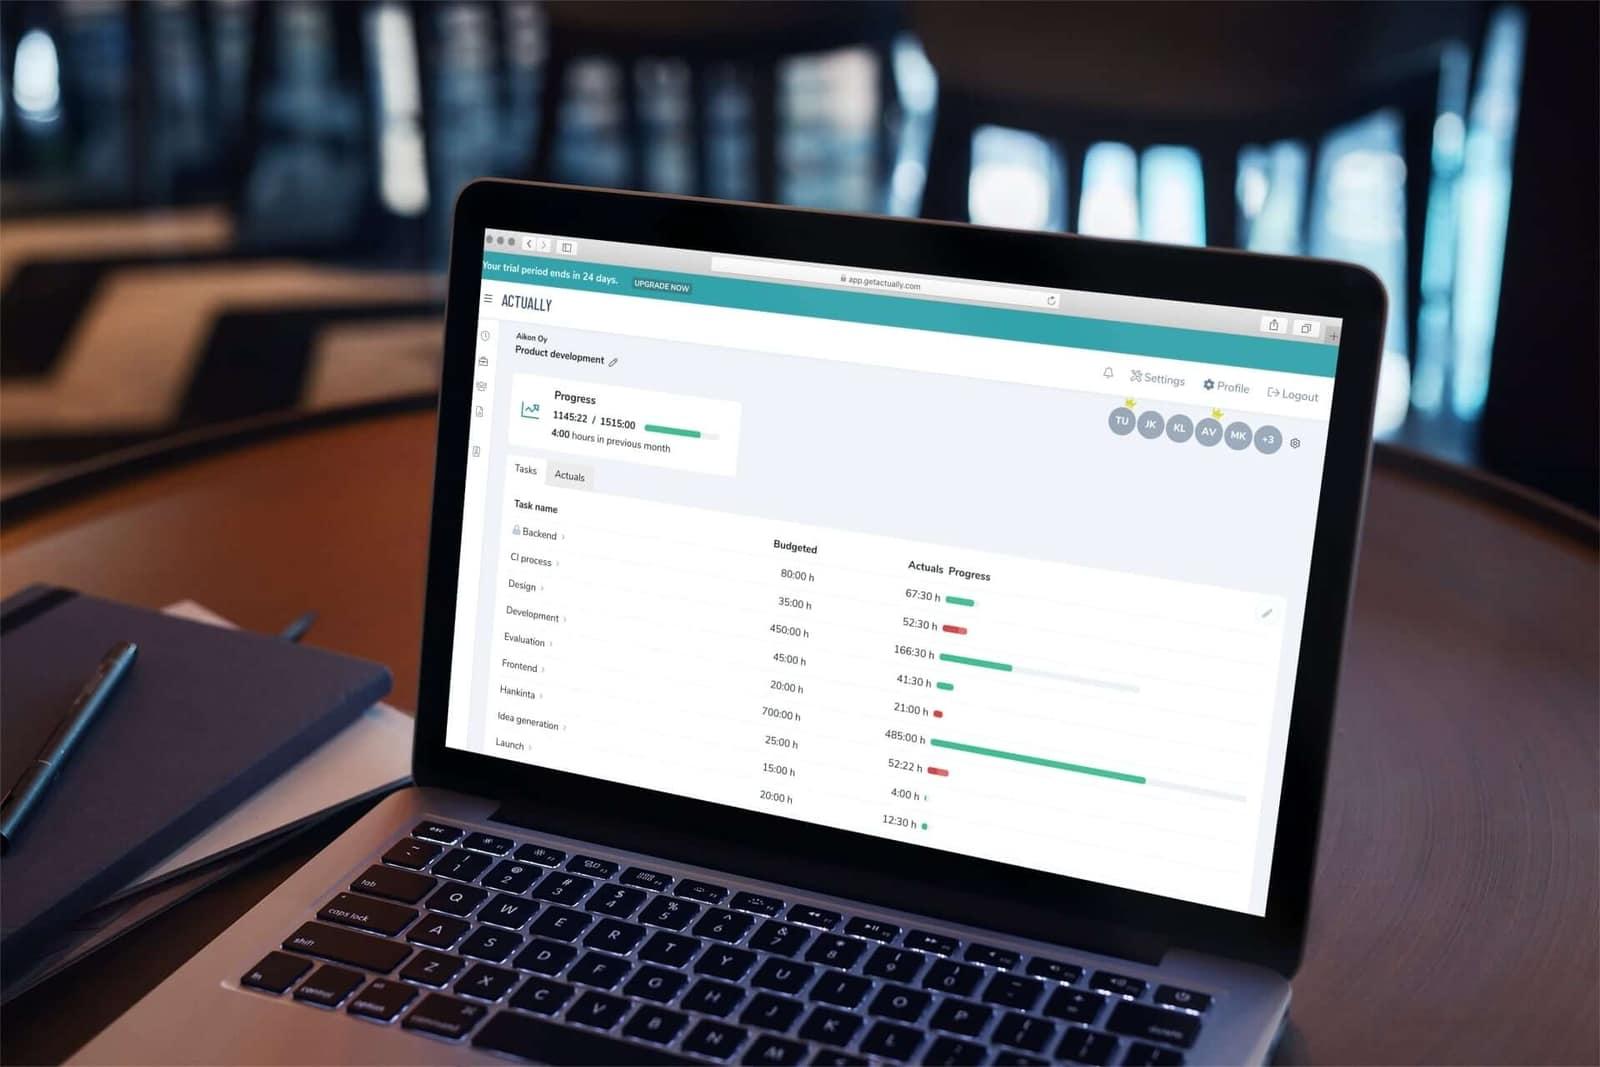 Actually Time Tracking Desktop App